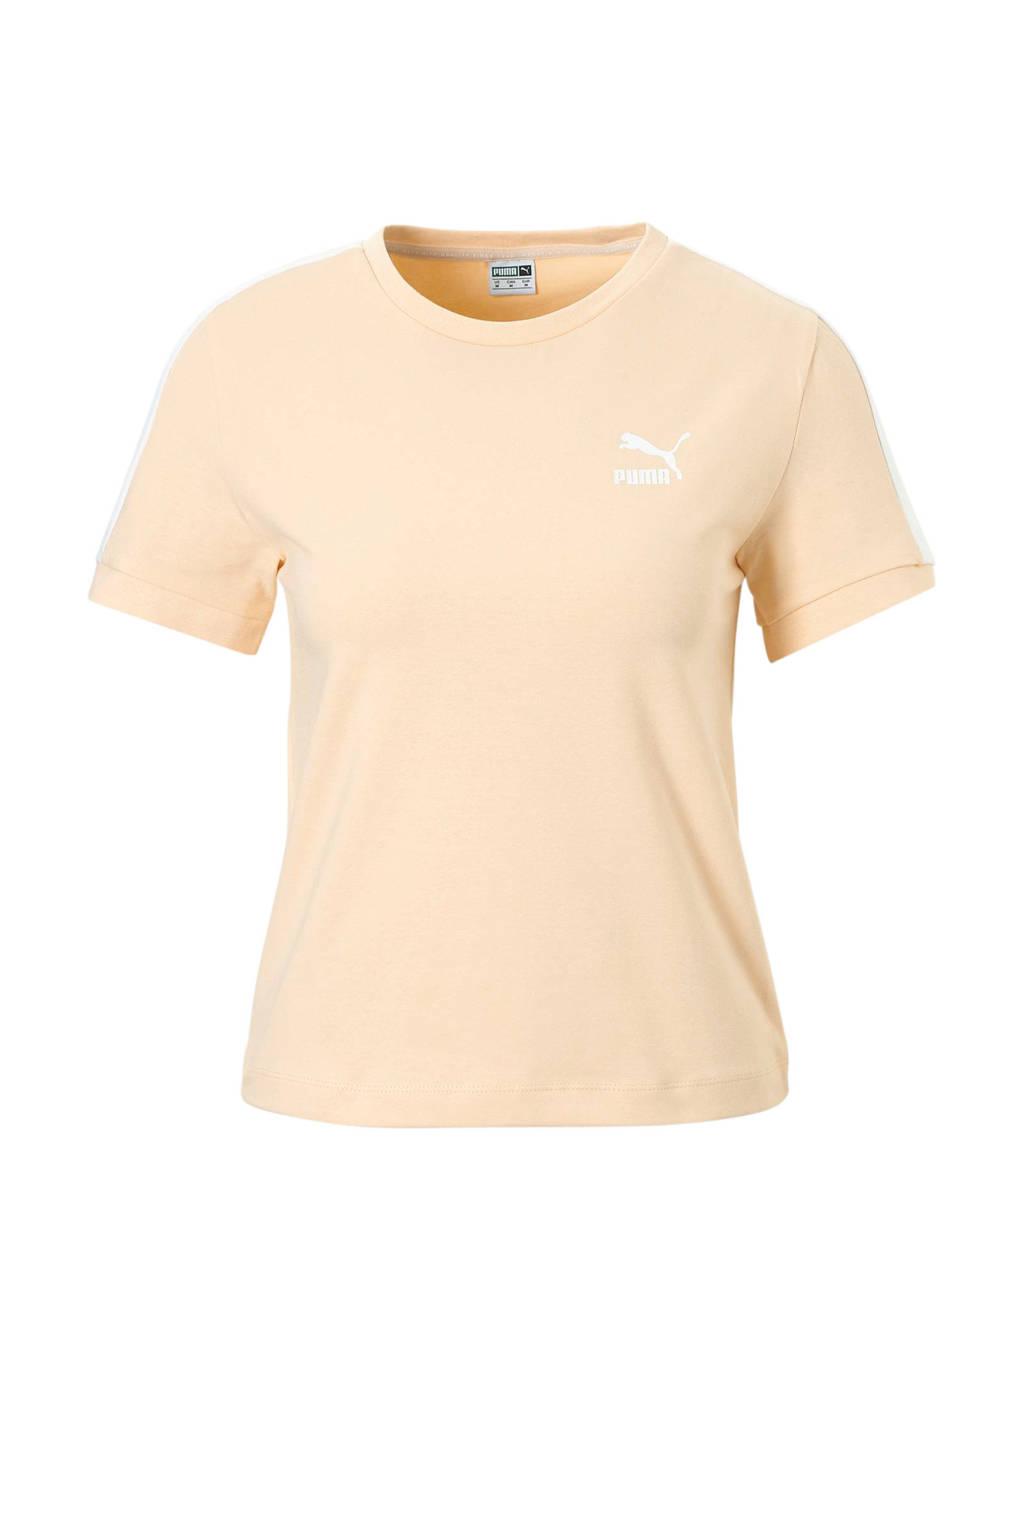 Puma T-shirt zalmroze, Zalmroze